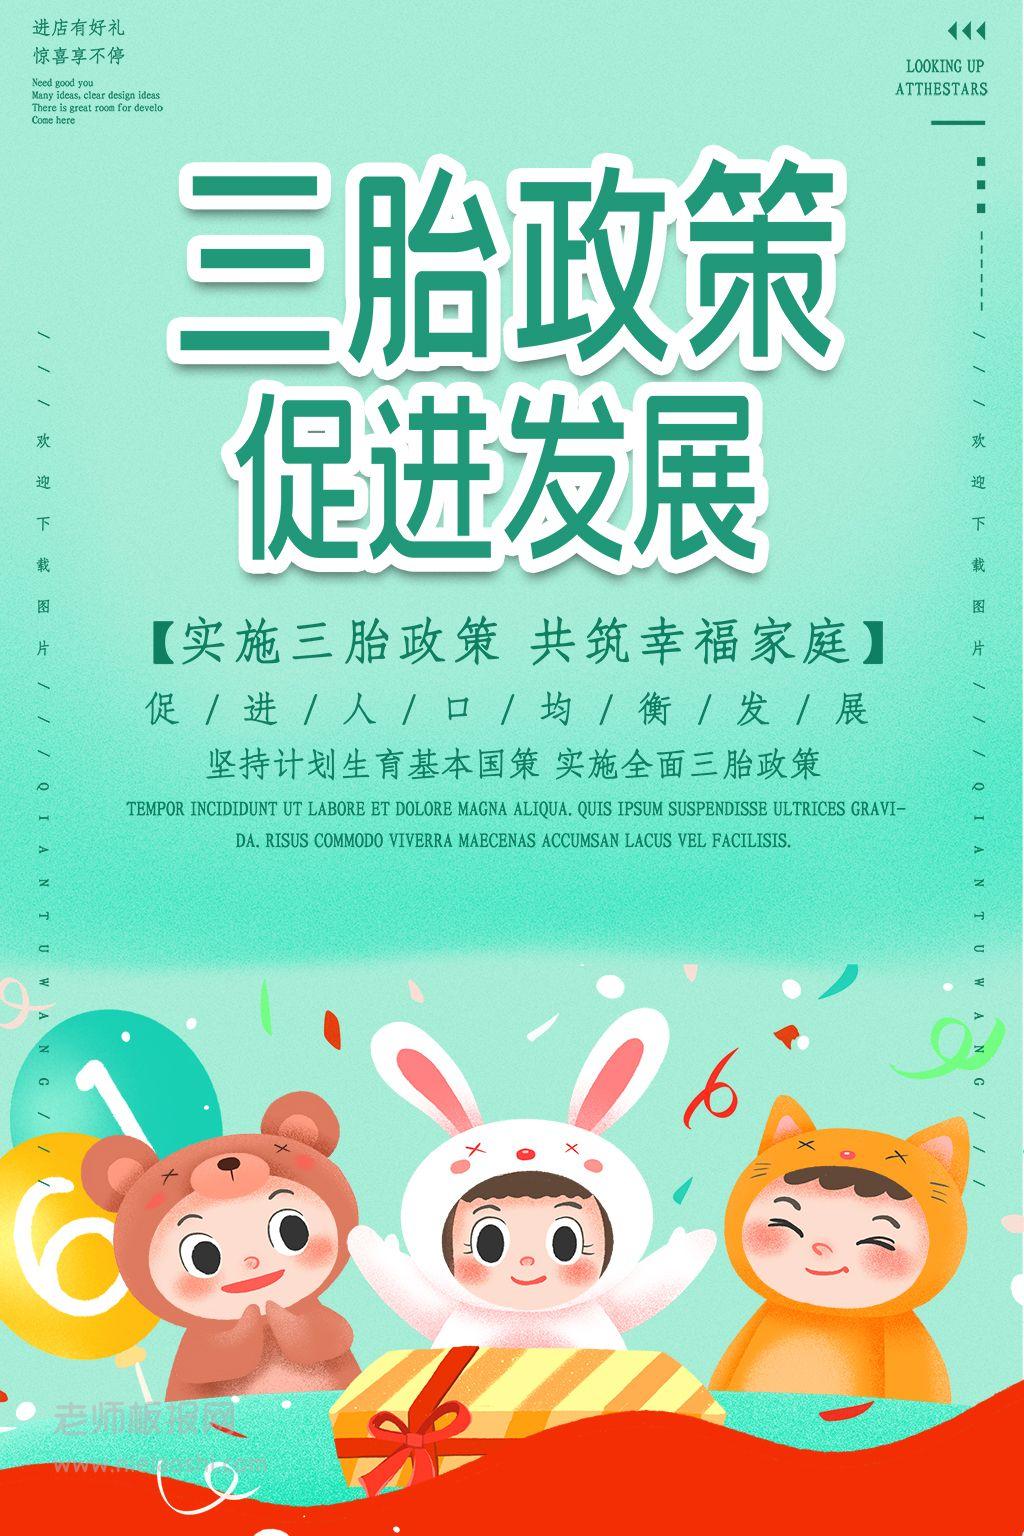 三孩政策促进发展创意时尚宣传海报.psd